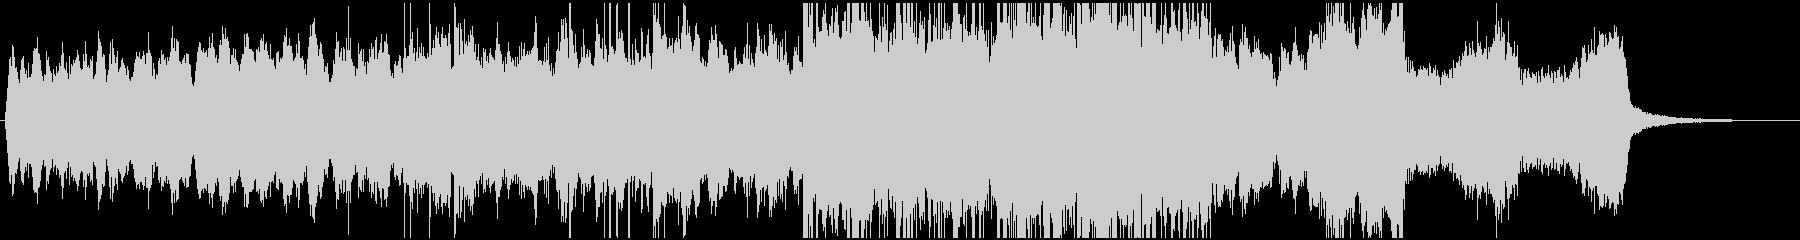 ホラー調のストリングスのジングルの未再生の波形